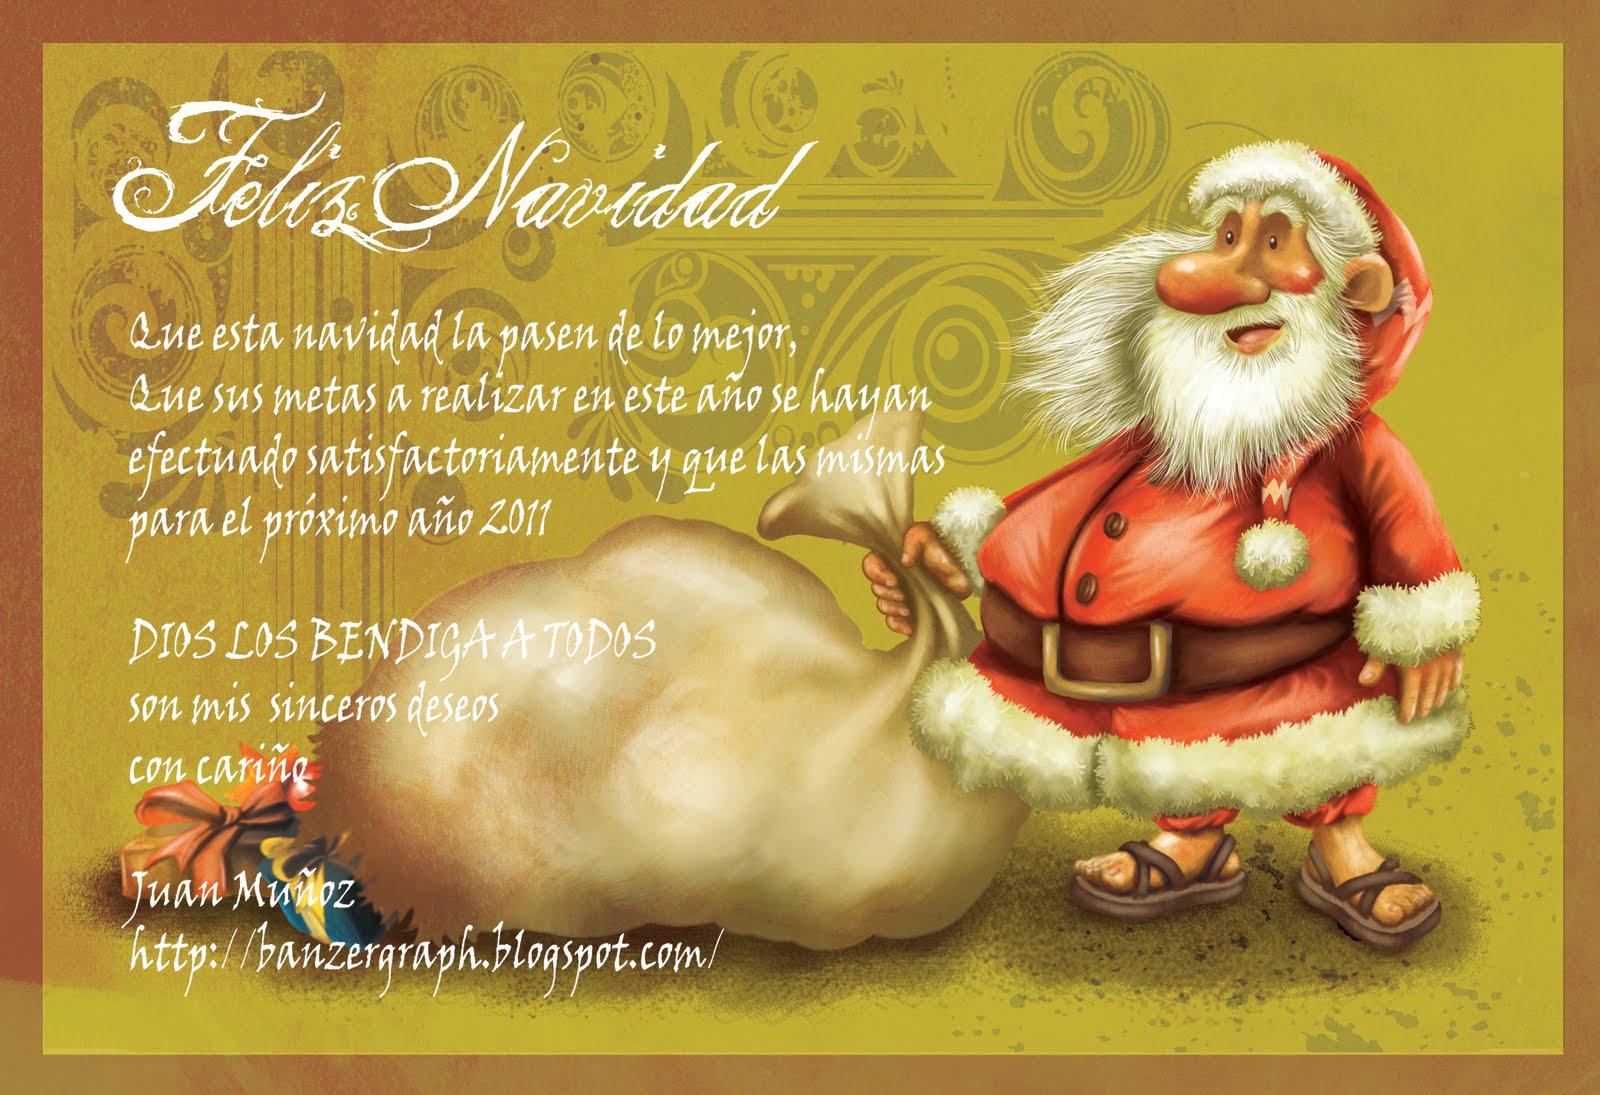 Padre navidad madre navidad